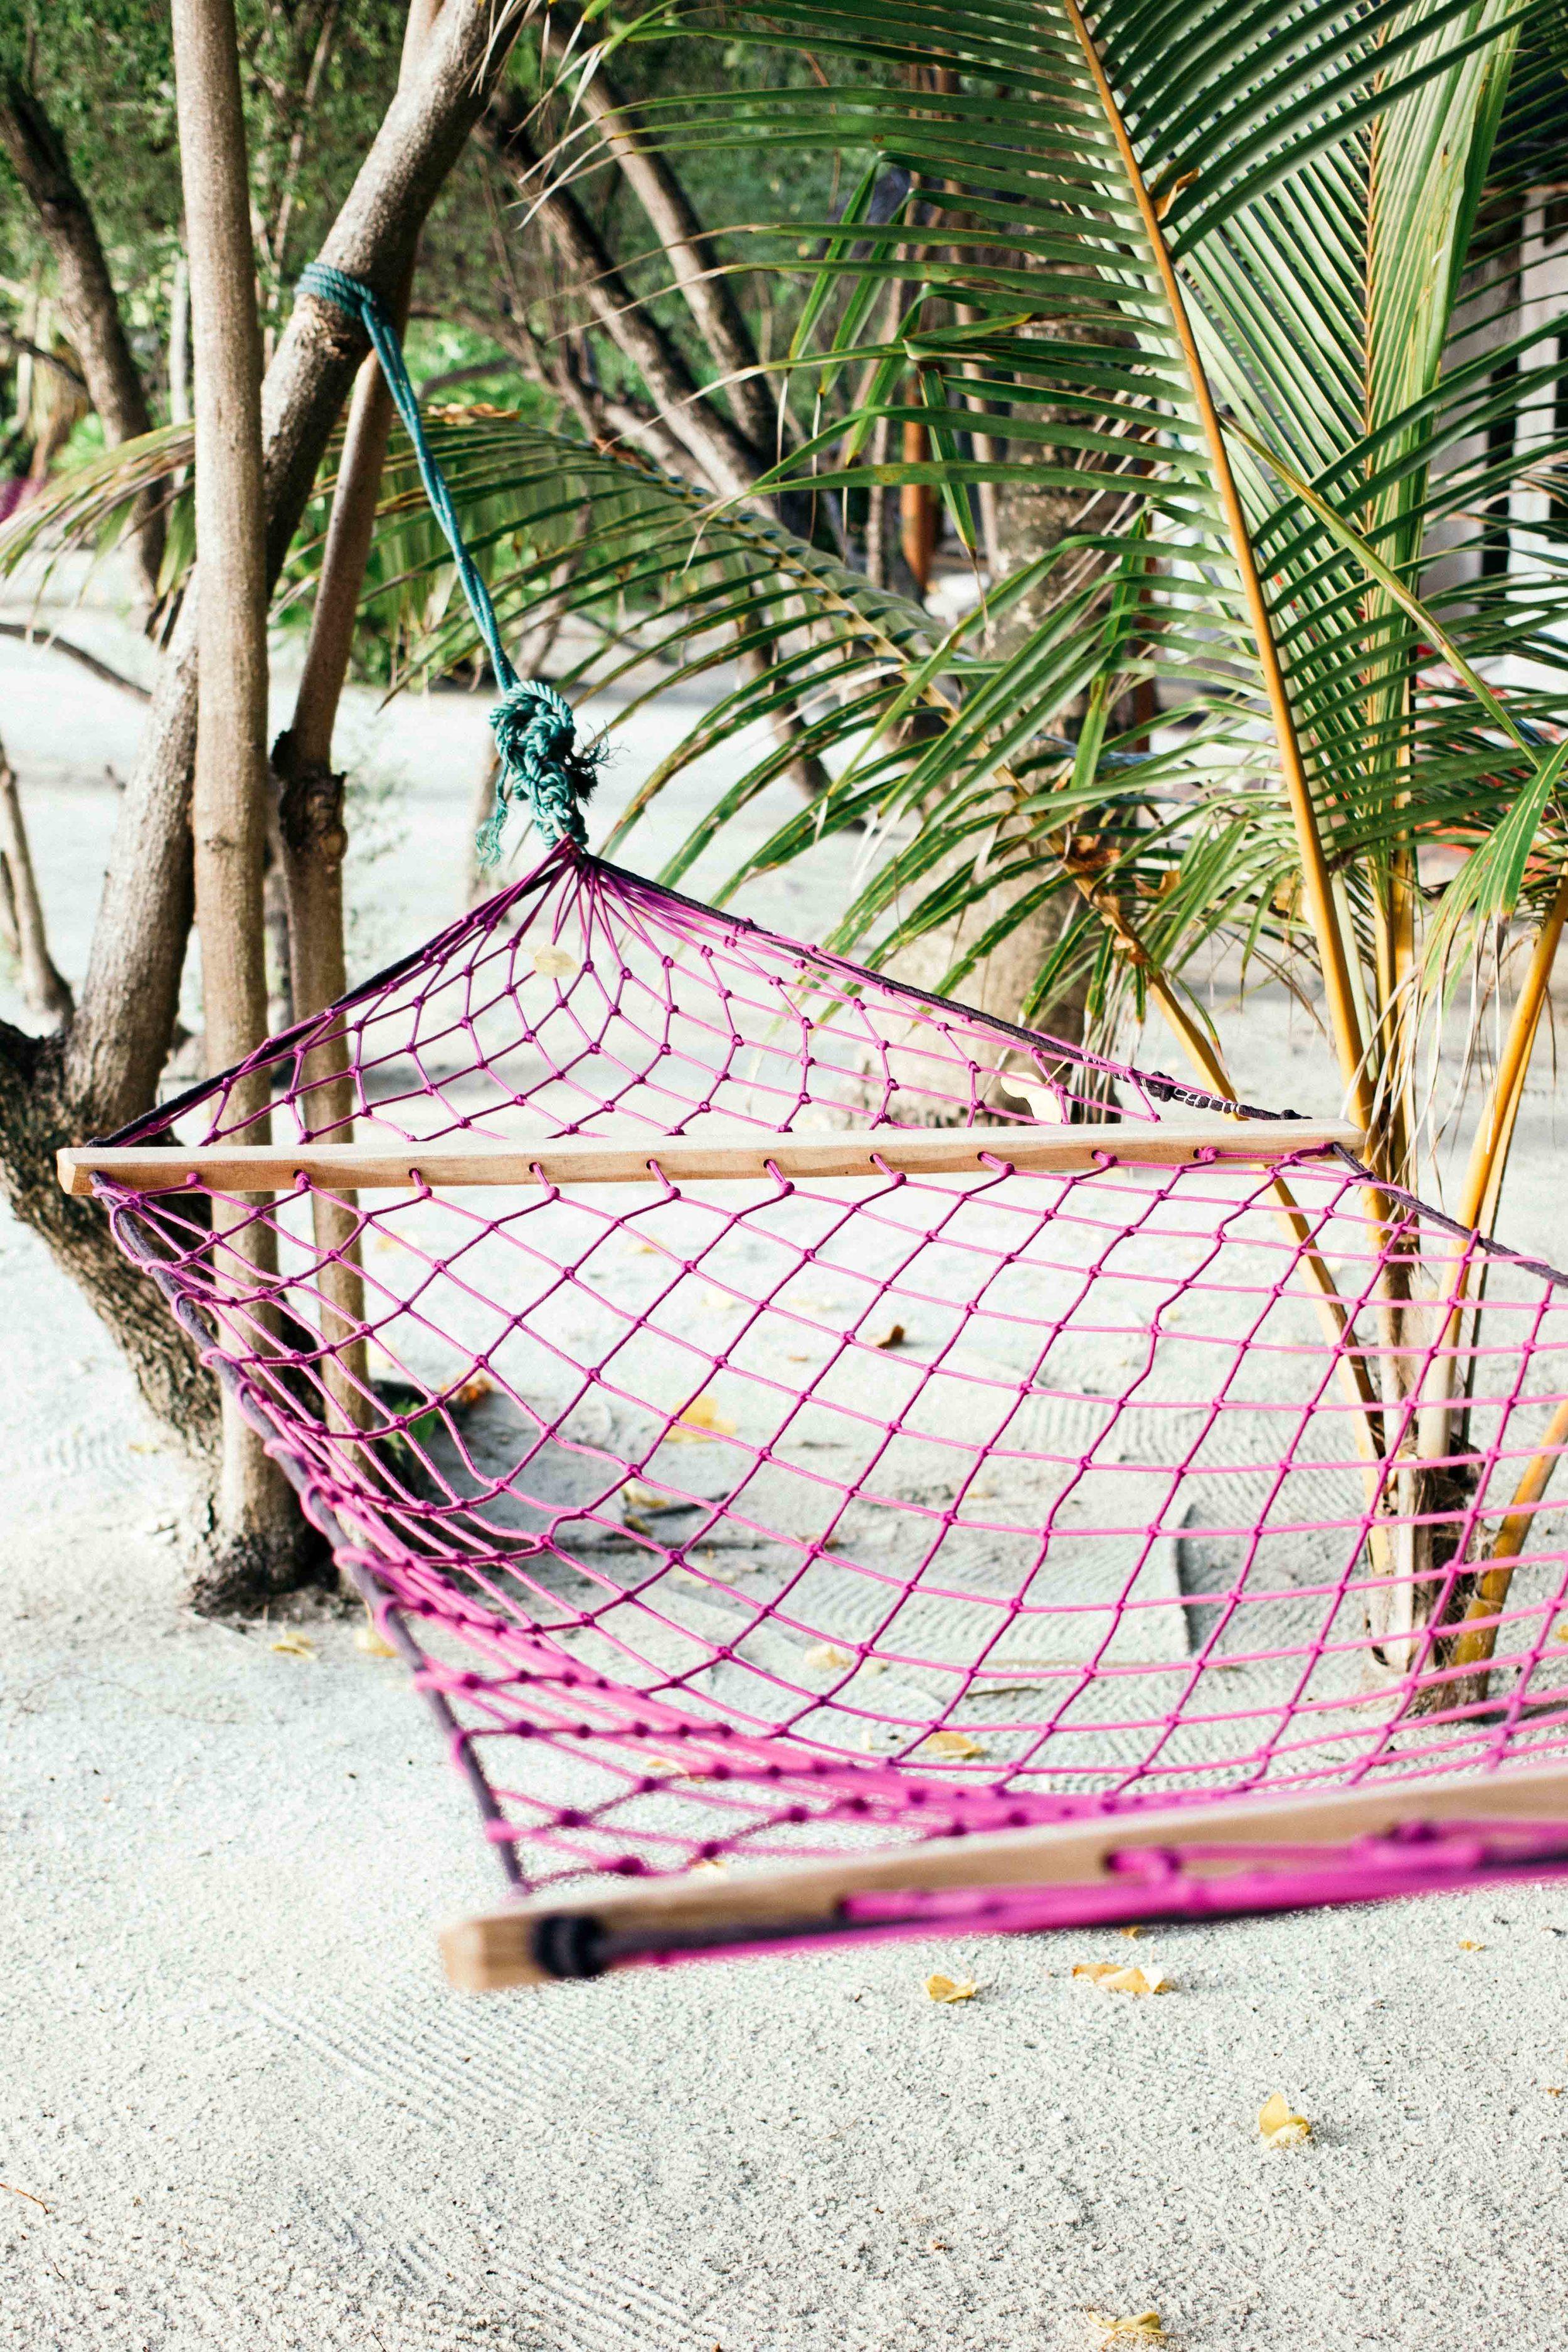 MALDIVES_CORONA_COCONUT COMRADERY_14.jpg